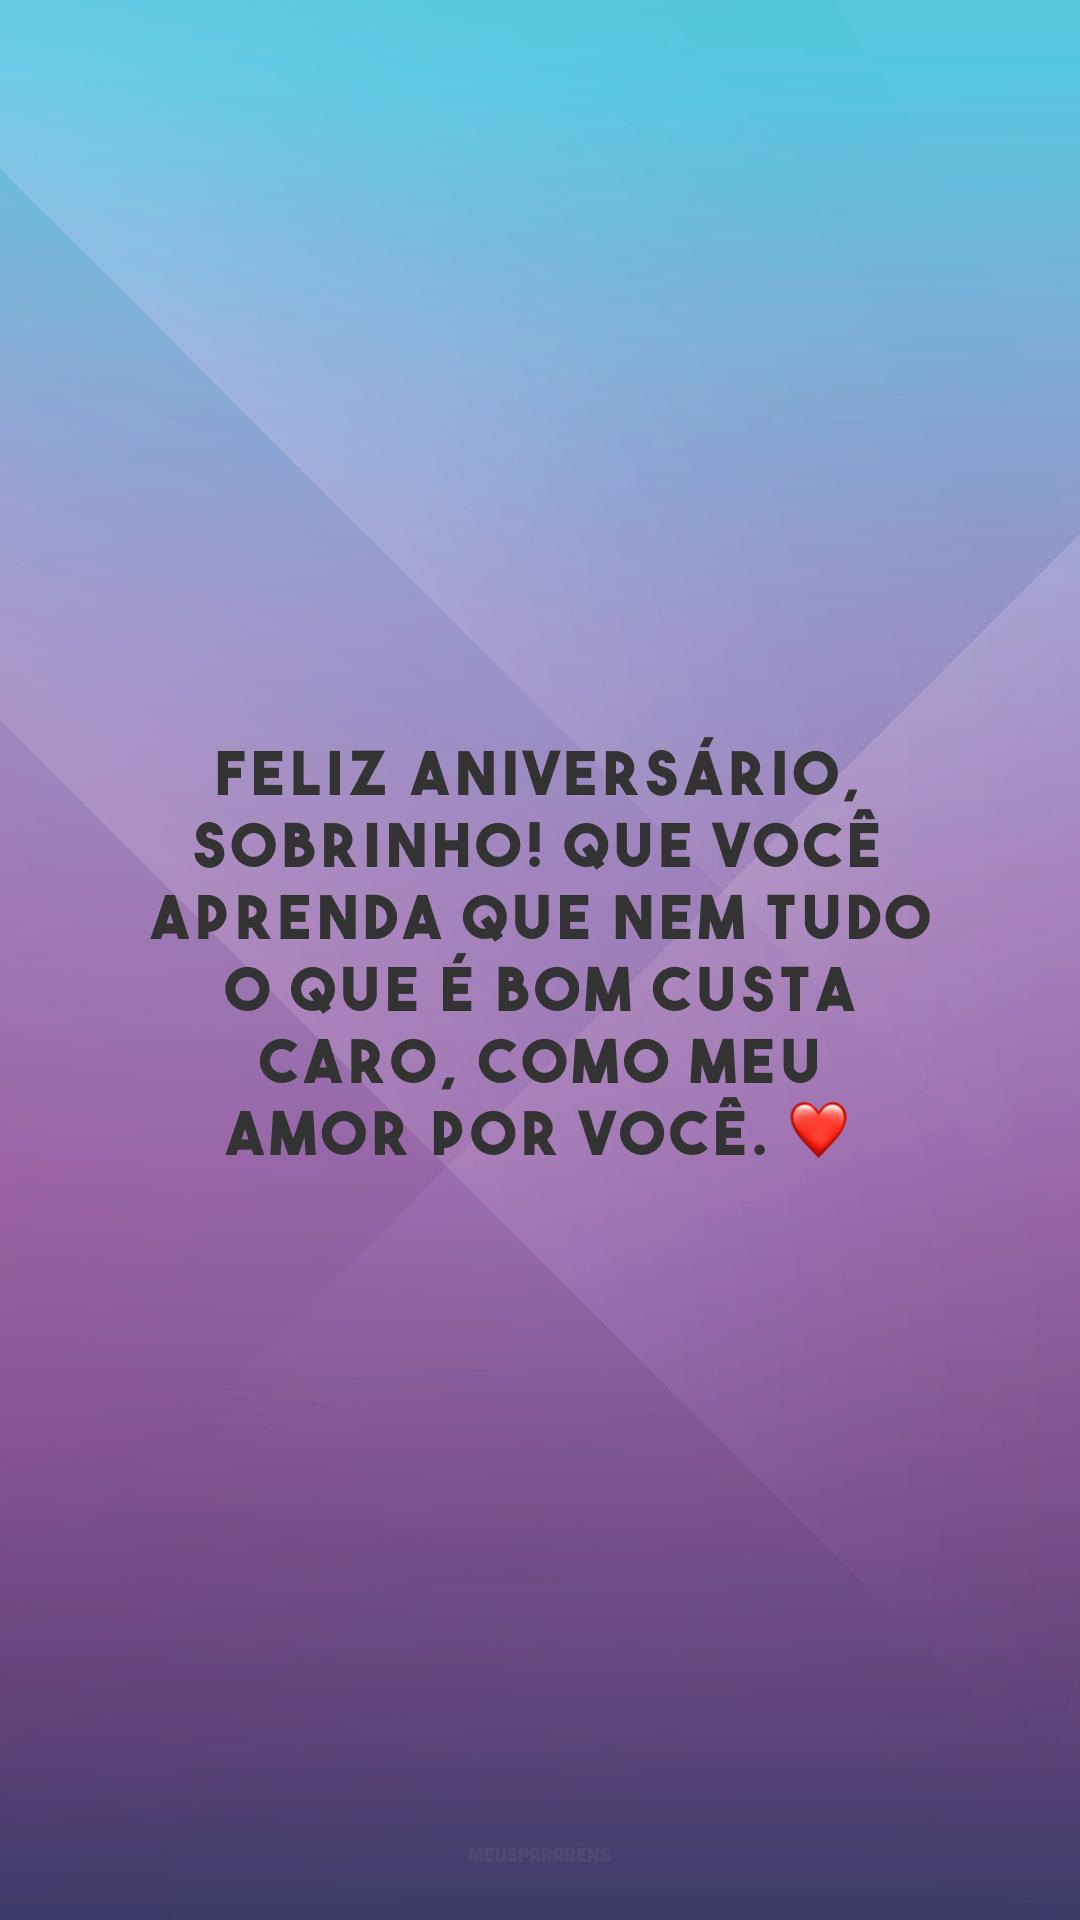 Feliz aniversário, sobrinho! Que você aprenda que nem tudo o que é bom custa caro, como meu amor por você. ❤️